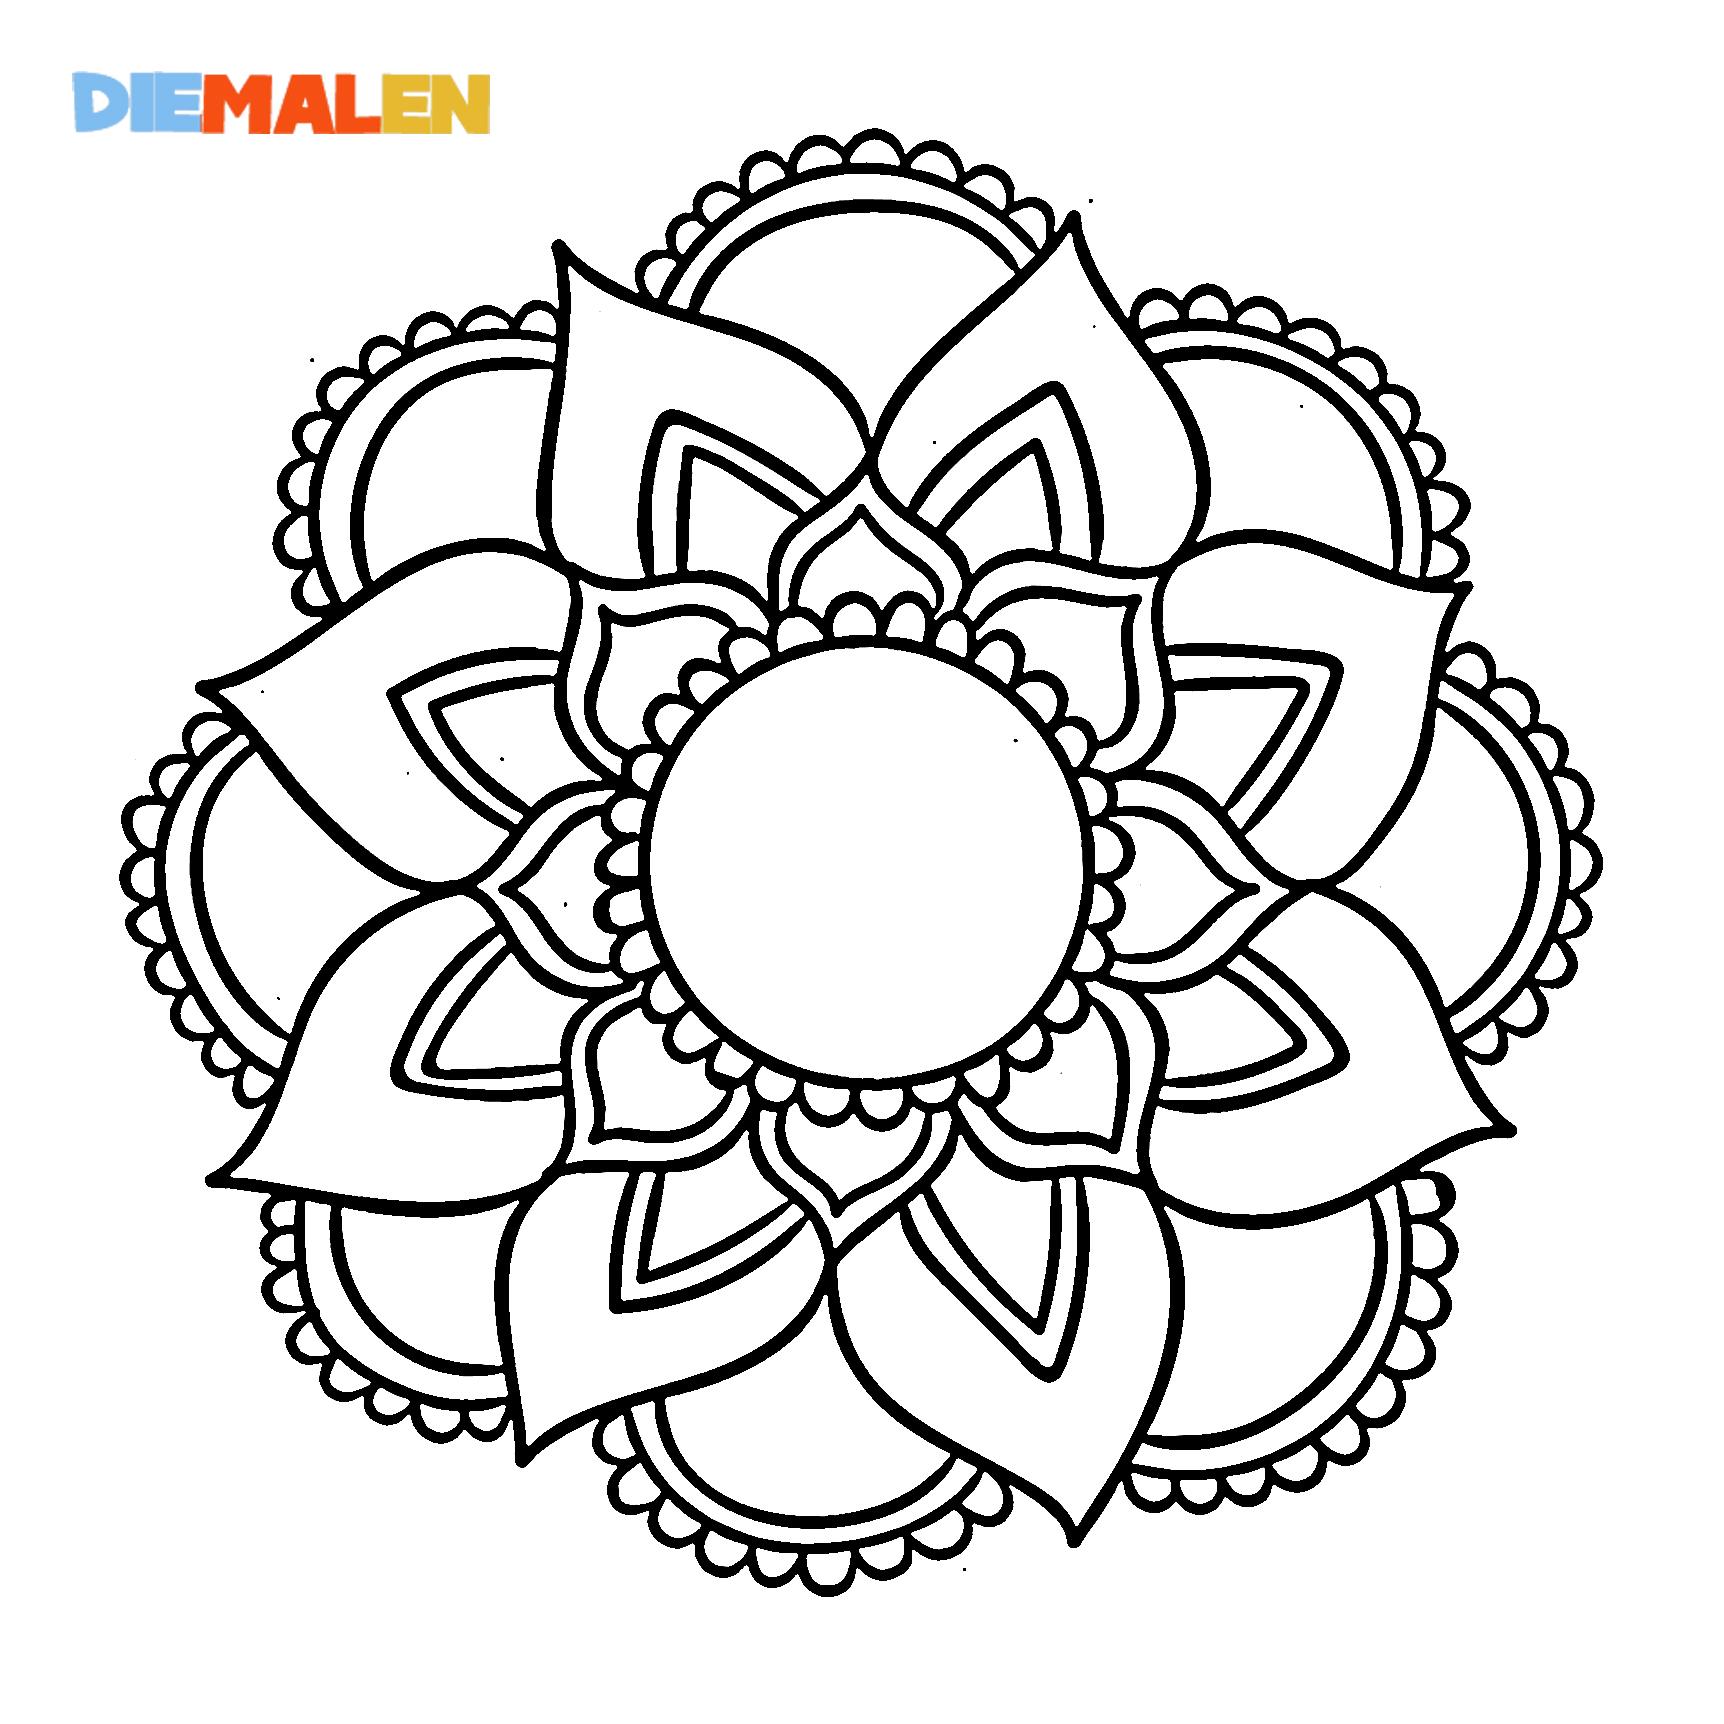 Mandala Ausmalbilder – Entspannung – Erwachsene → DieMalen.com